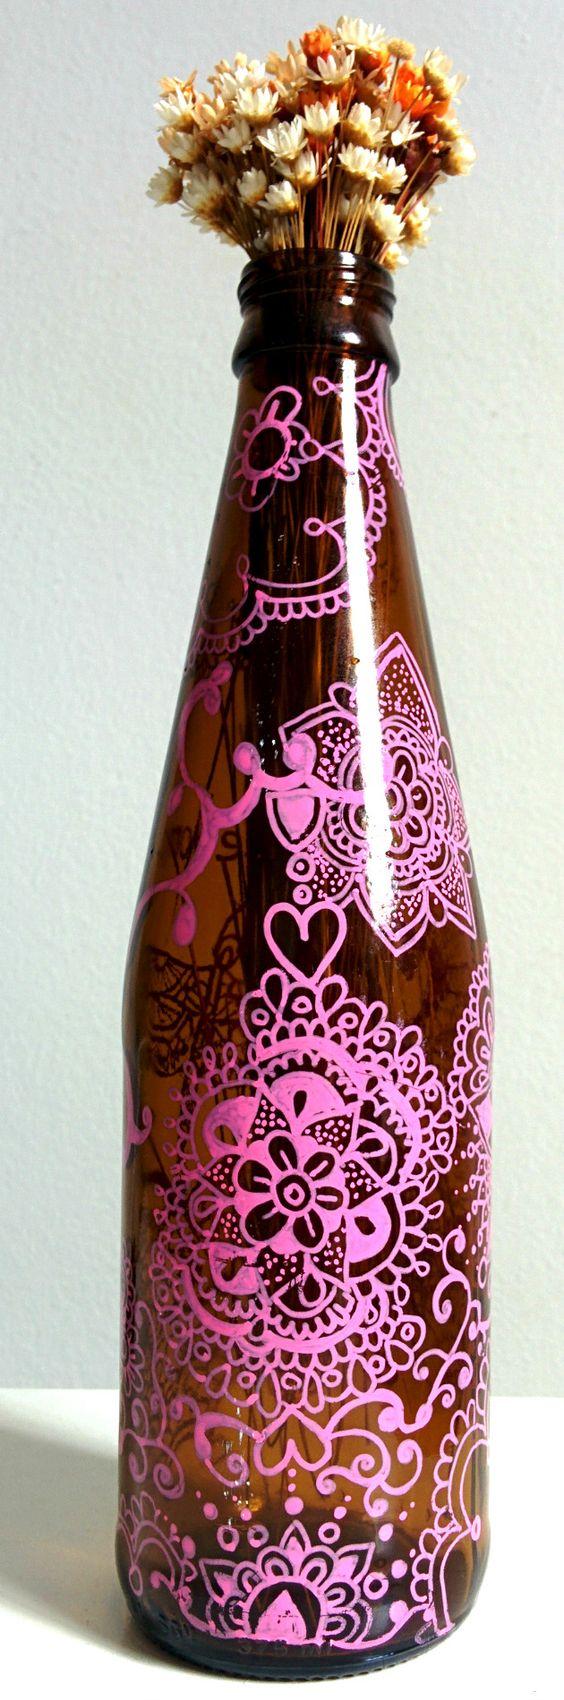 garrafa decorada, artesanato, decorated bottle, artwork, faça voce mesmo, arte, decoração, mandala, coração, rosa, posca, poscaarte, zenhttps://www.facebook.com/candebooarte https://instagram.com/candeboo/